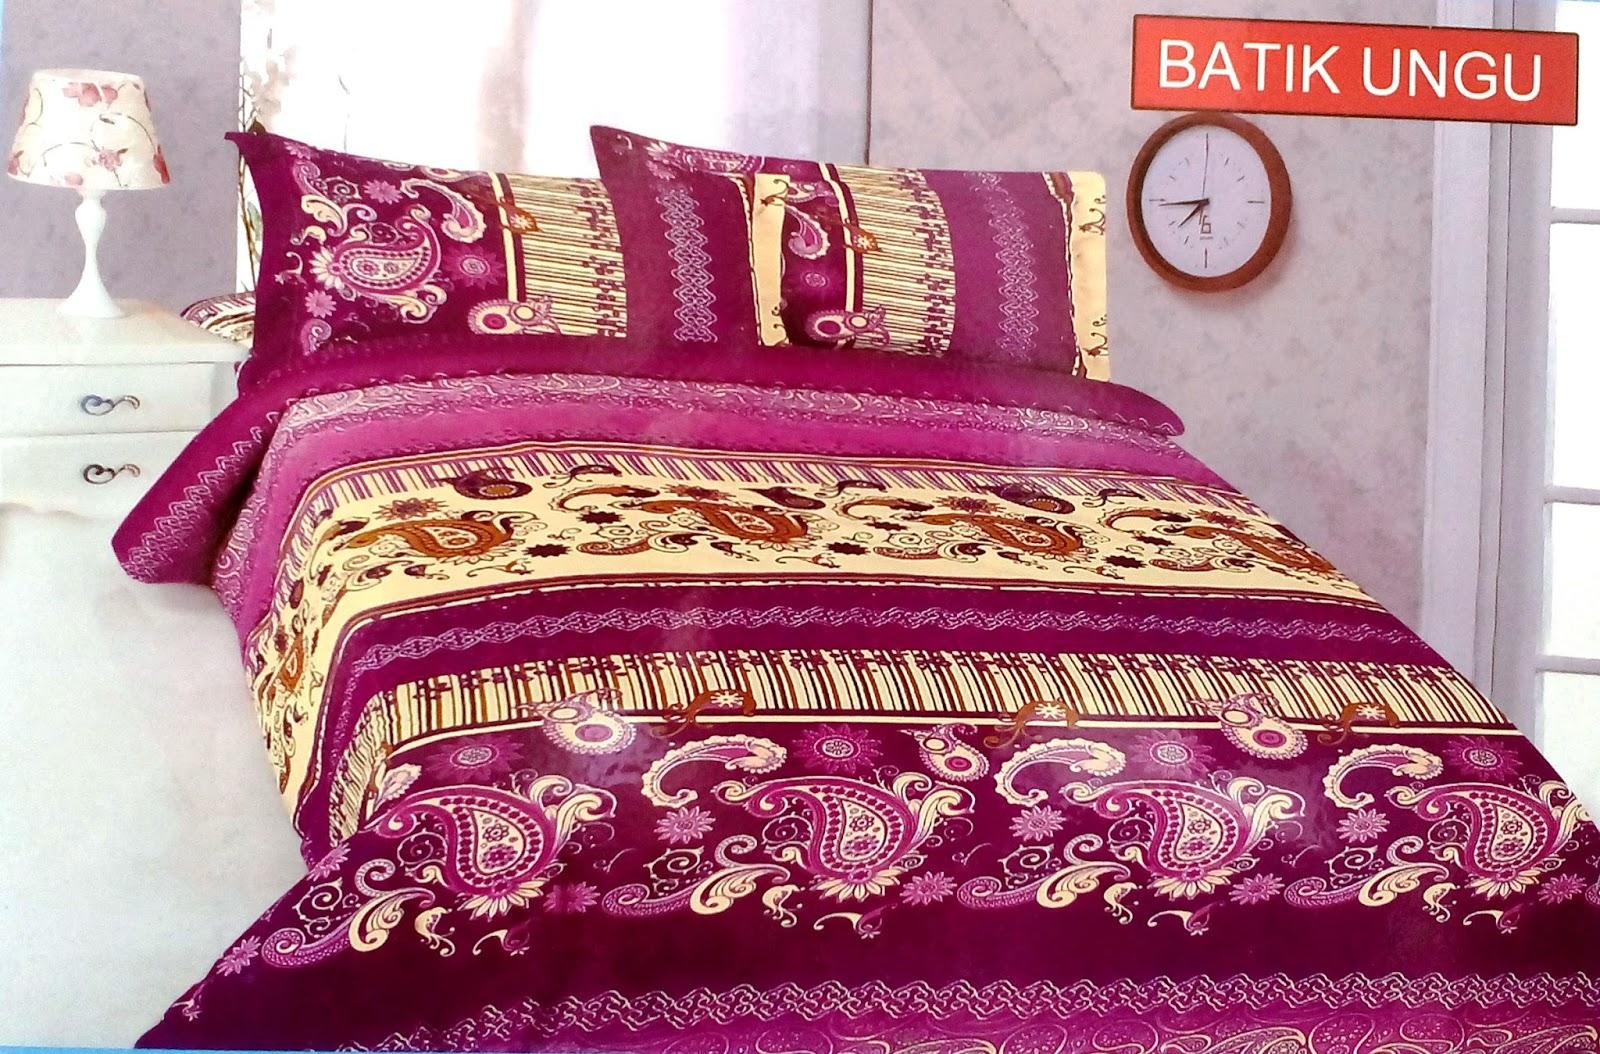 Sprei Bonita 180 - Batik Ungu